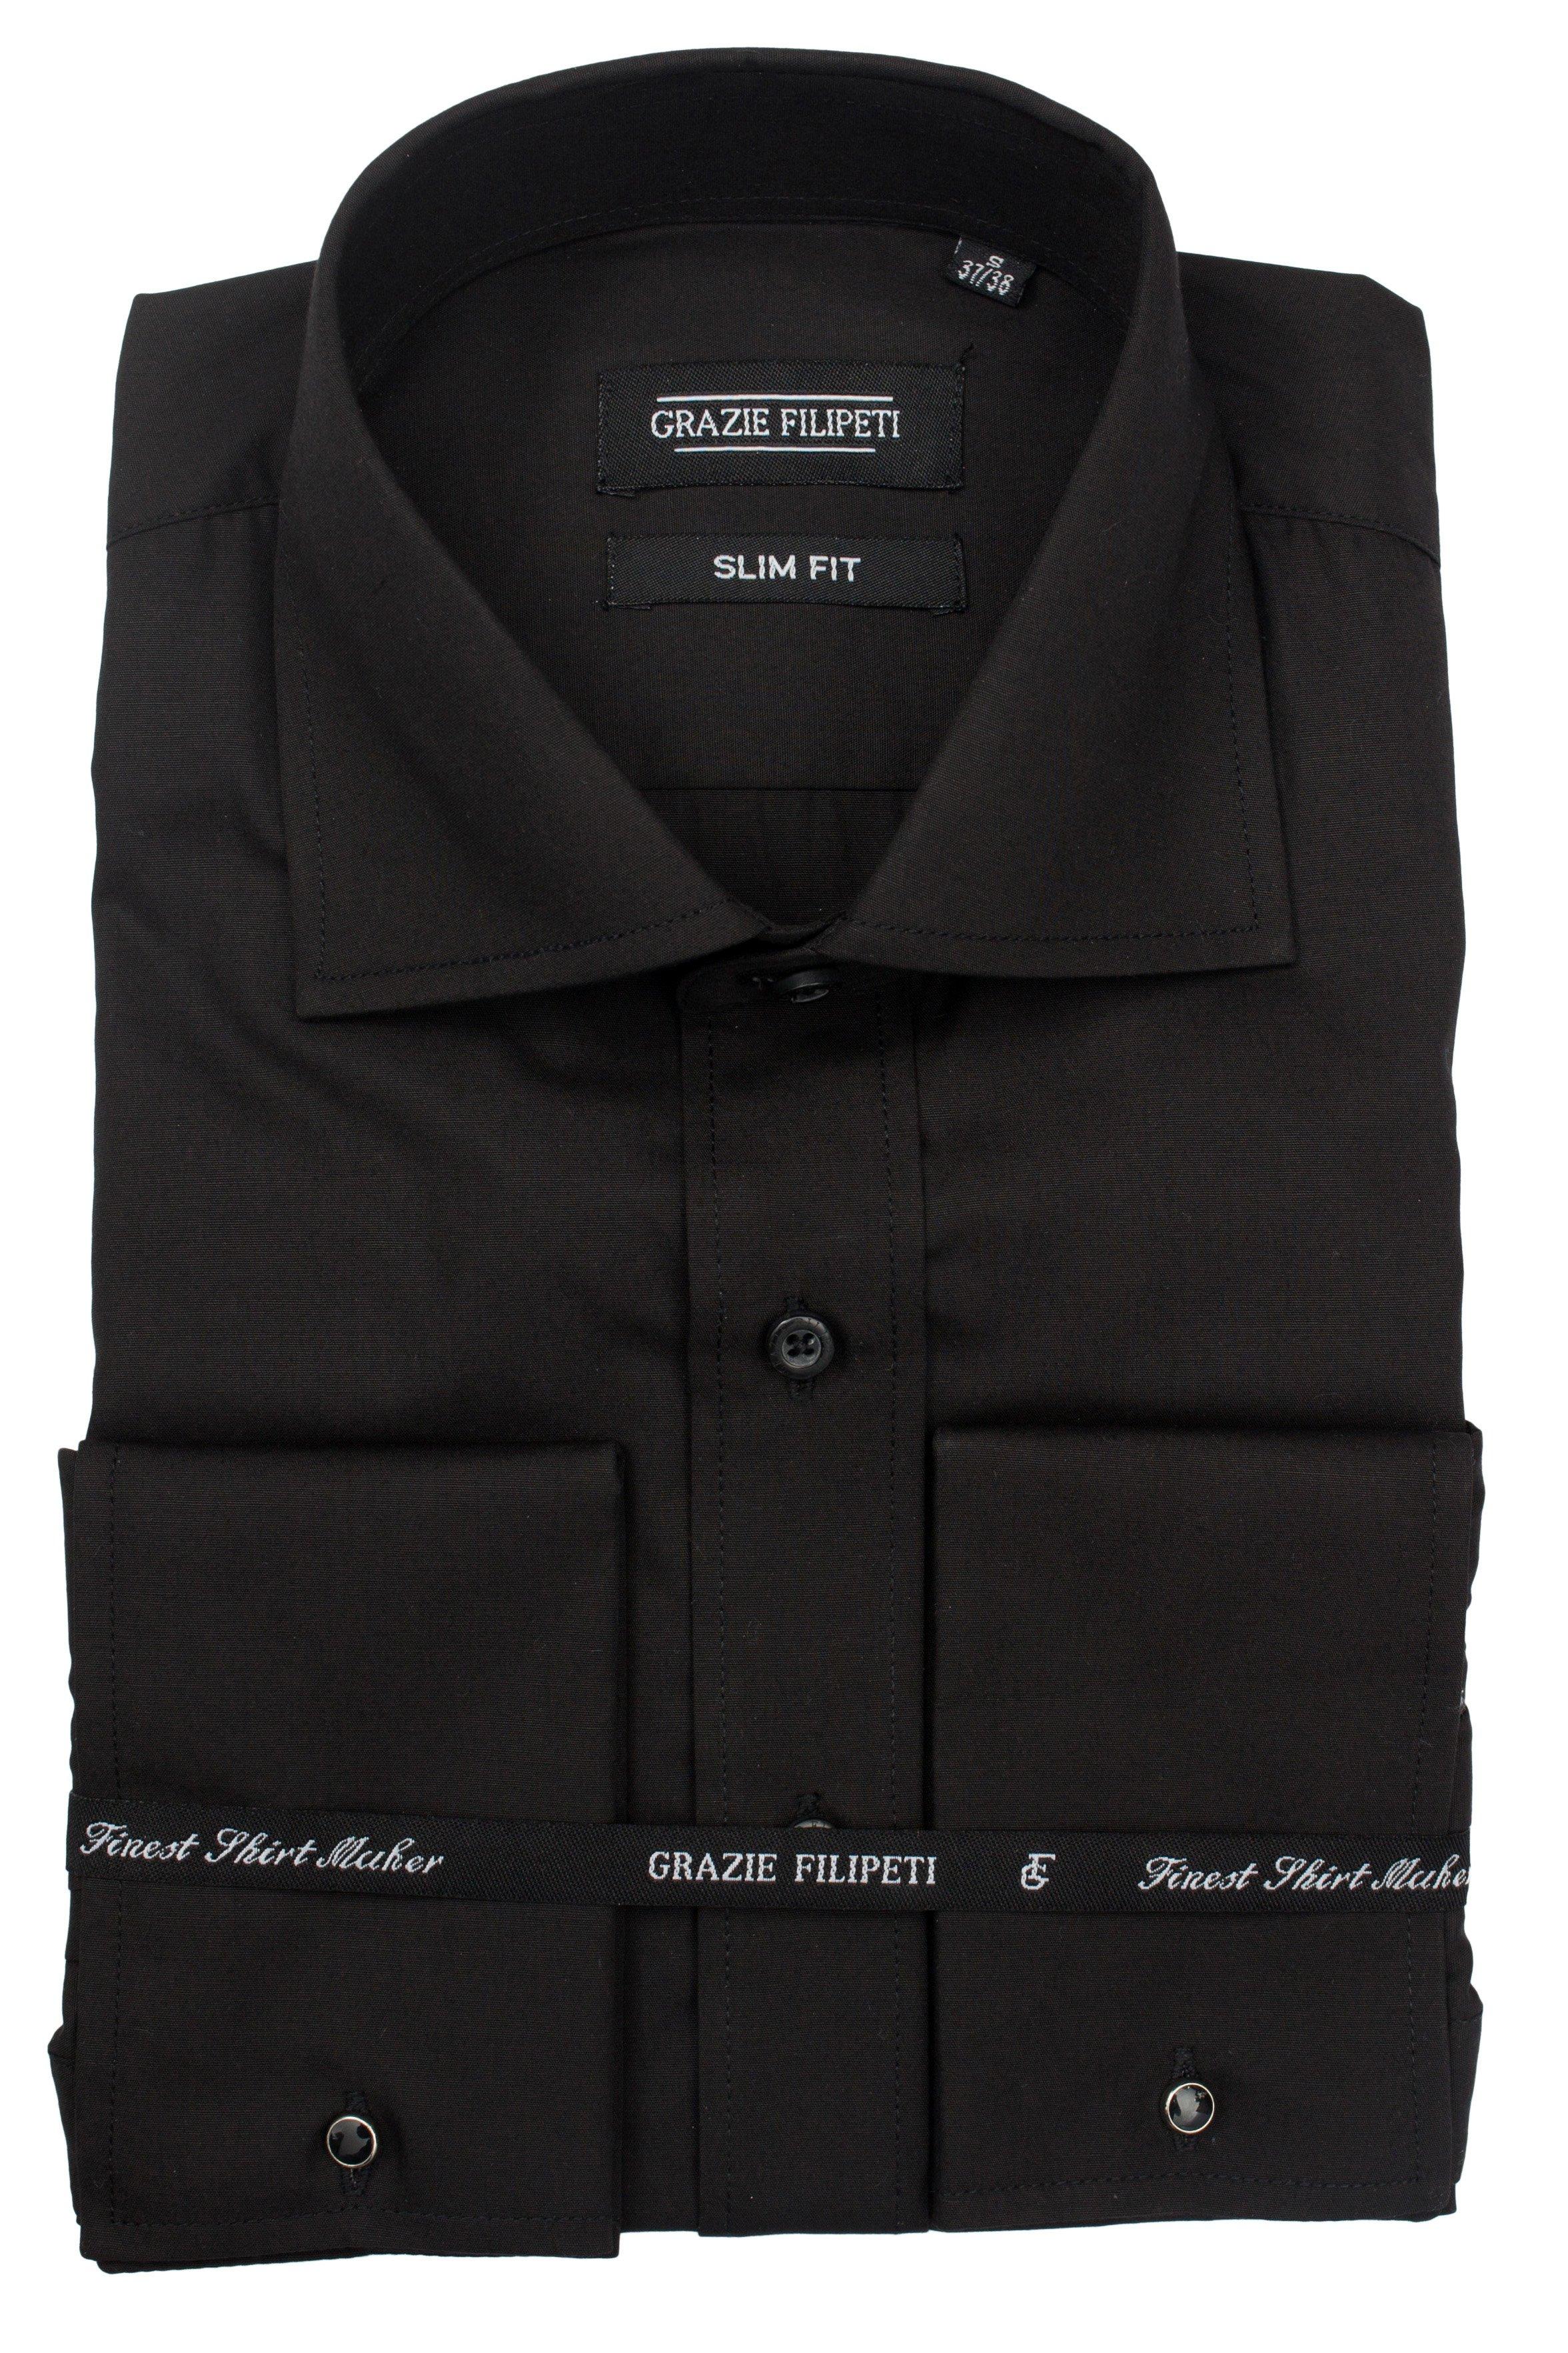 Camasa Slim Fit negru uni pentru butoni Grazie Filipeti